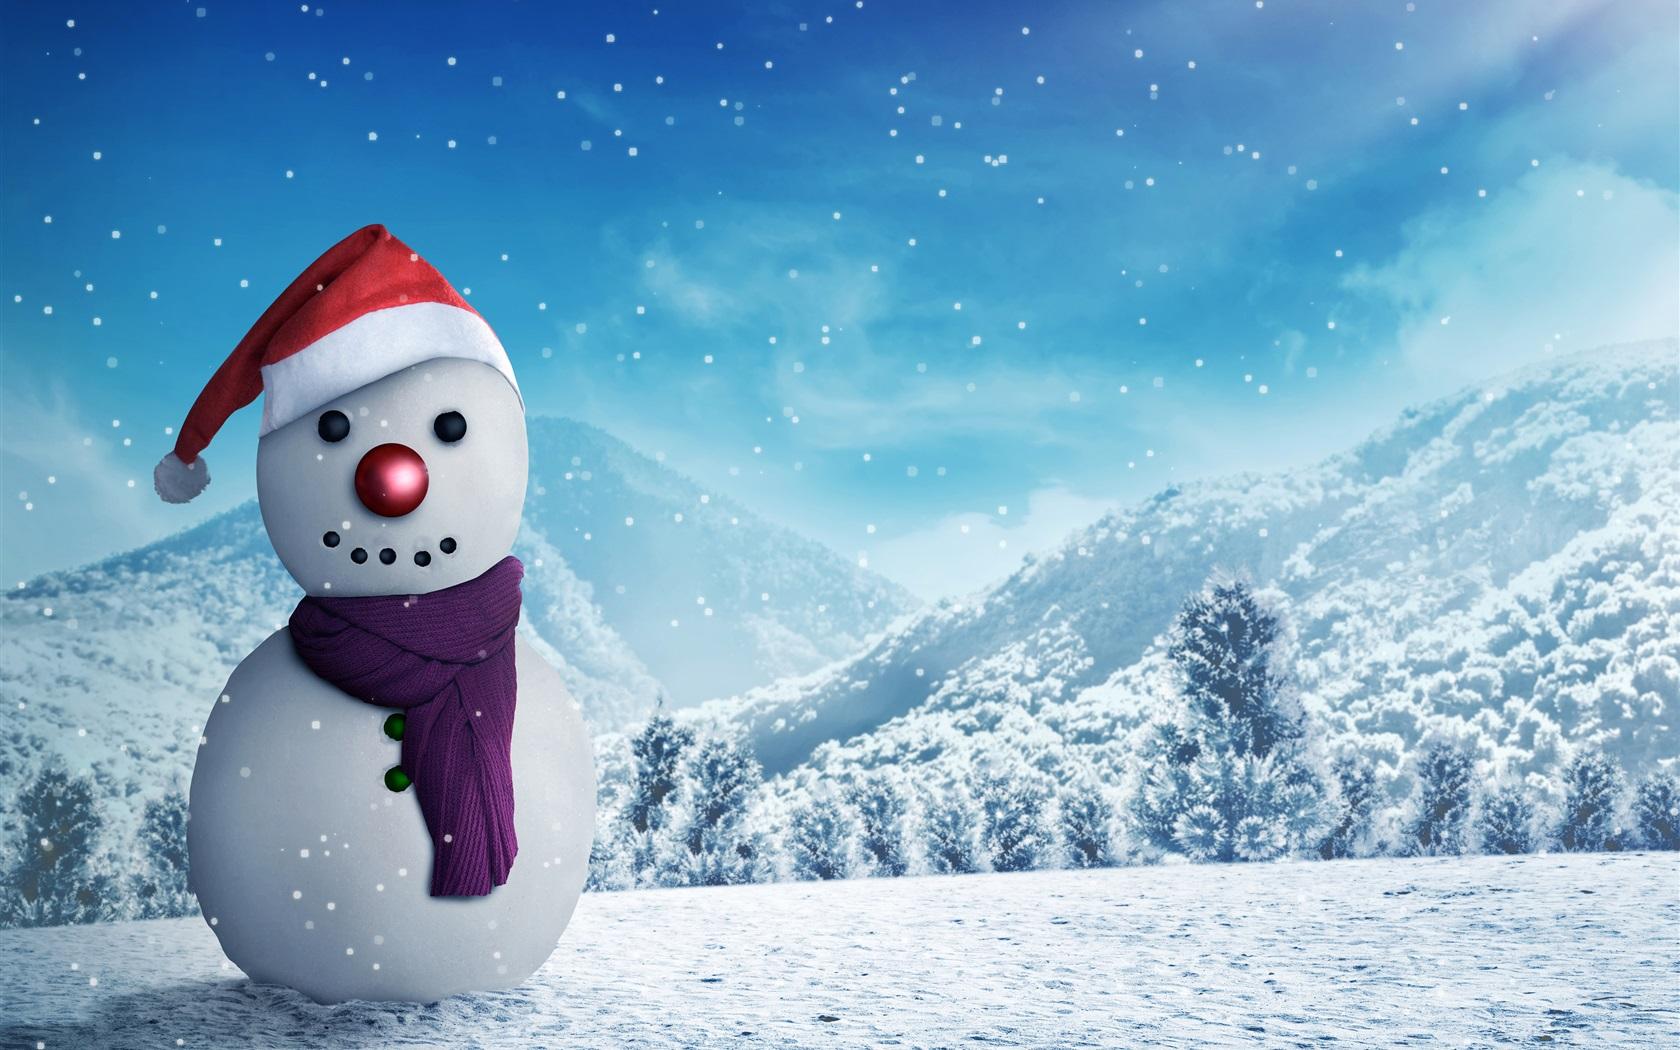 Fonds d'écran Bonhomme de neige, hiver, neige, Nouvel An 3840x2160 UHD 4K image